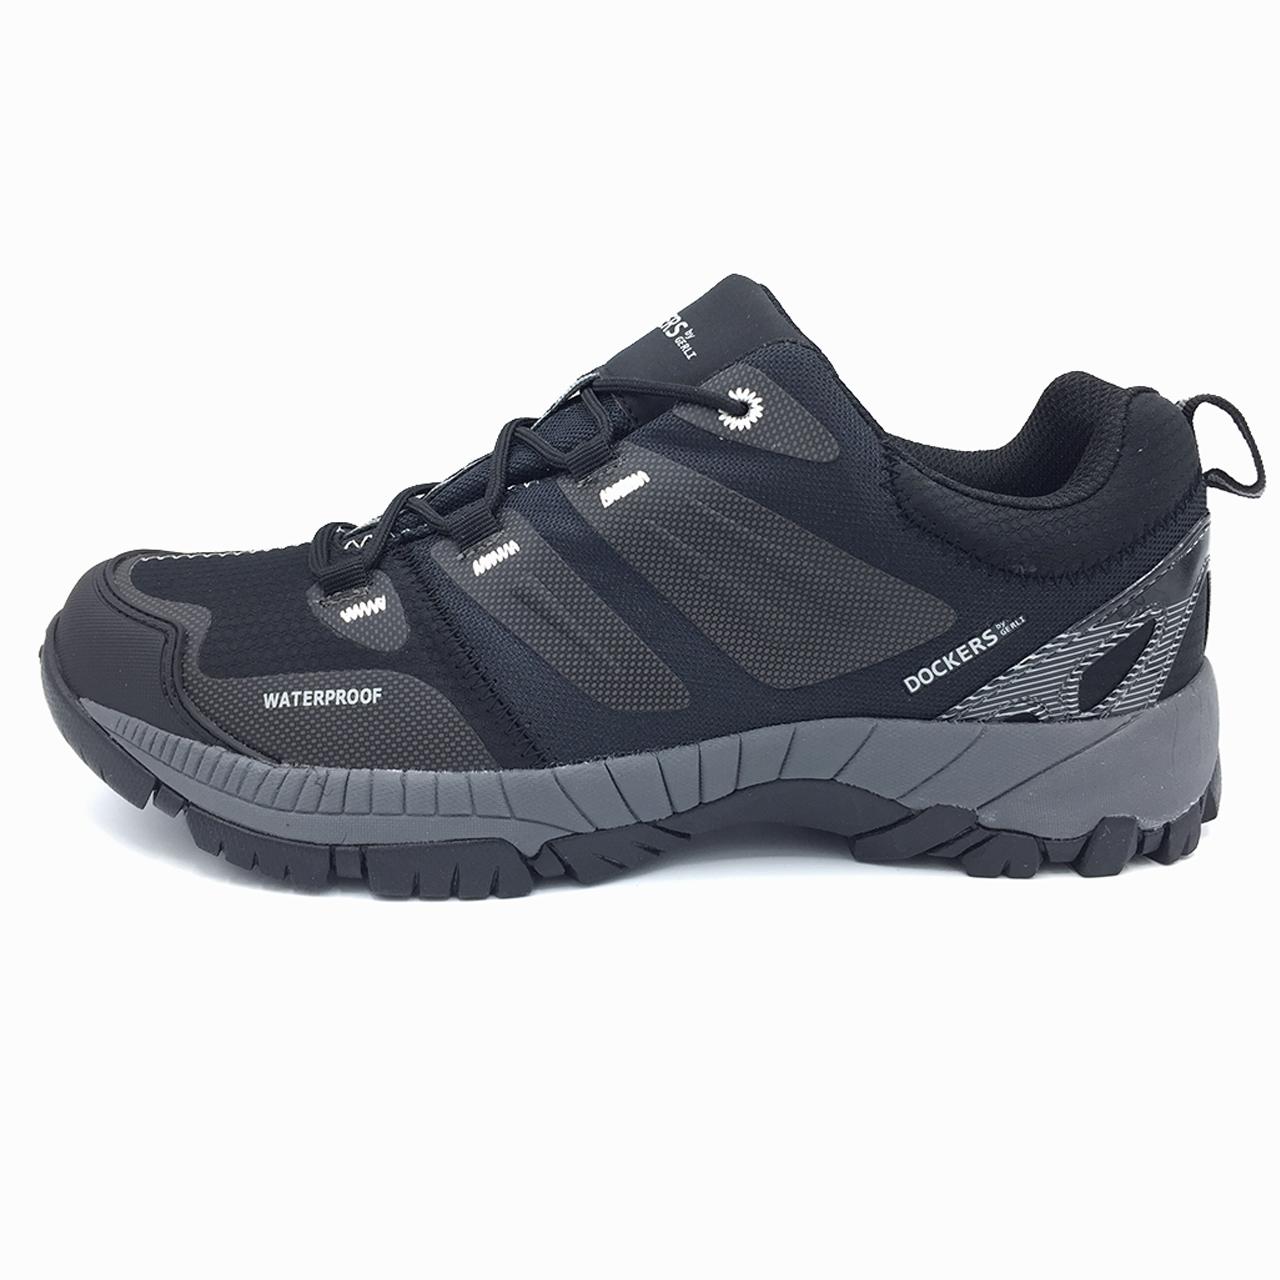 کفش طبیعت گردی داکرز مدل JH-HI43095-KO-ME